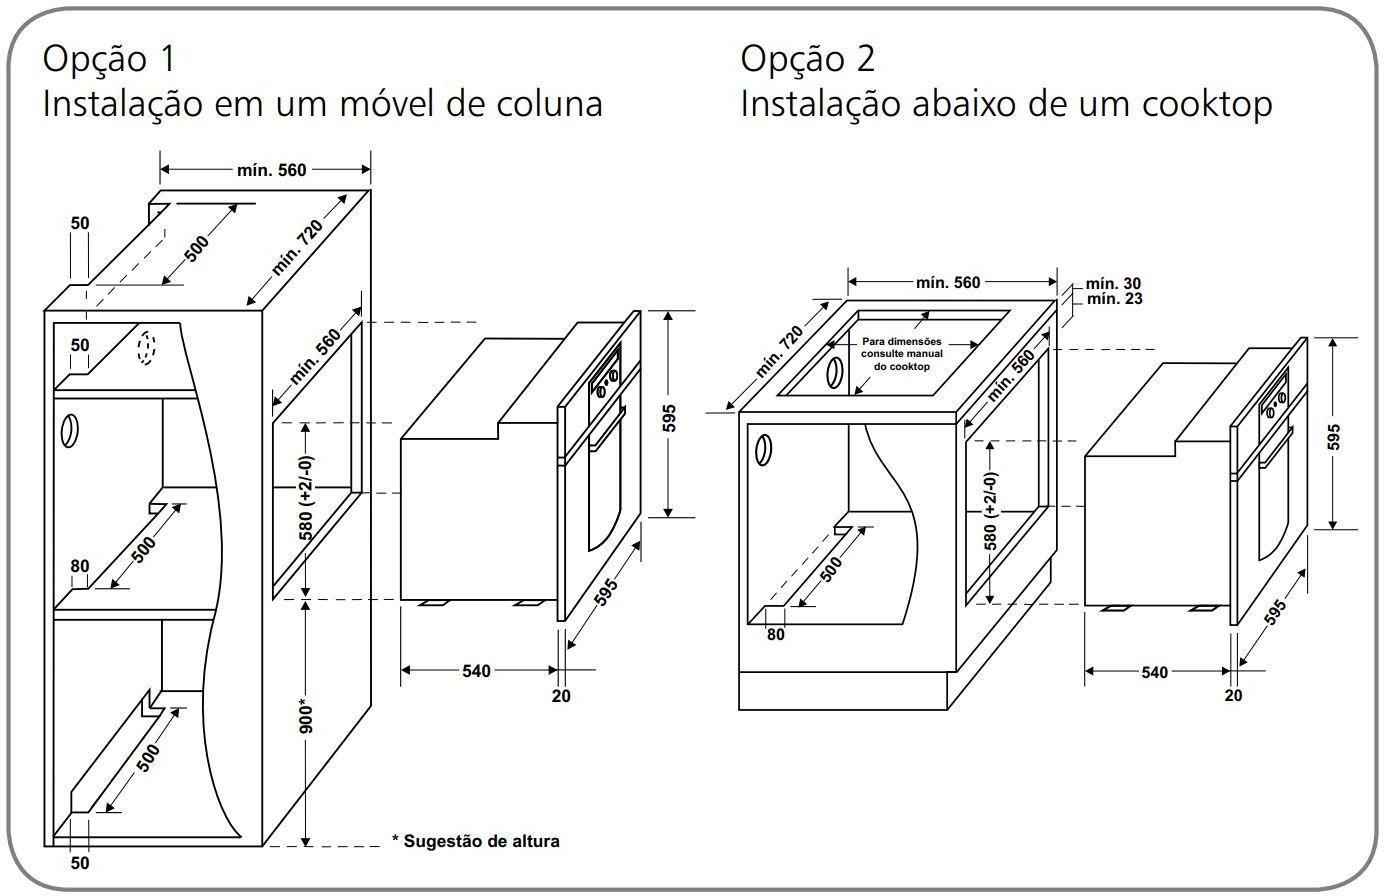 Forno elétrico Brastemp de Embutir 67 litros - BO160 - Instalação